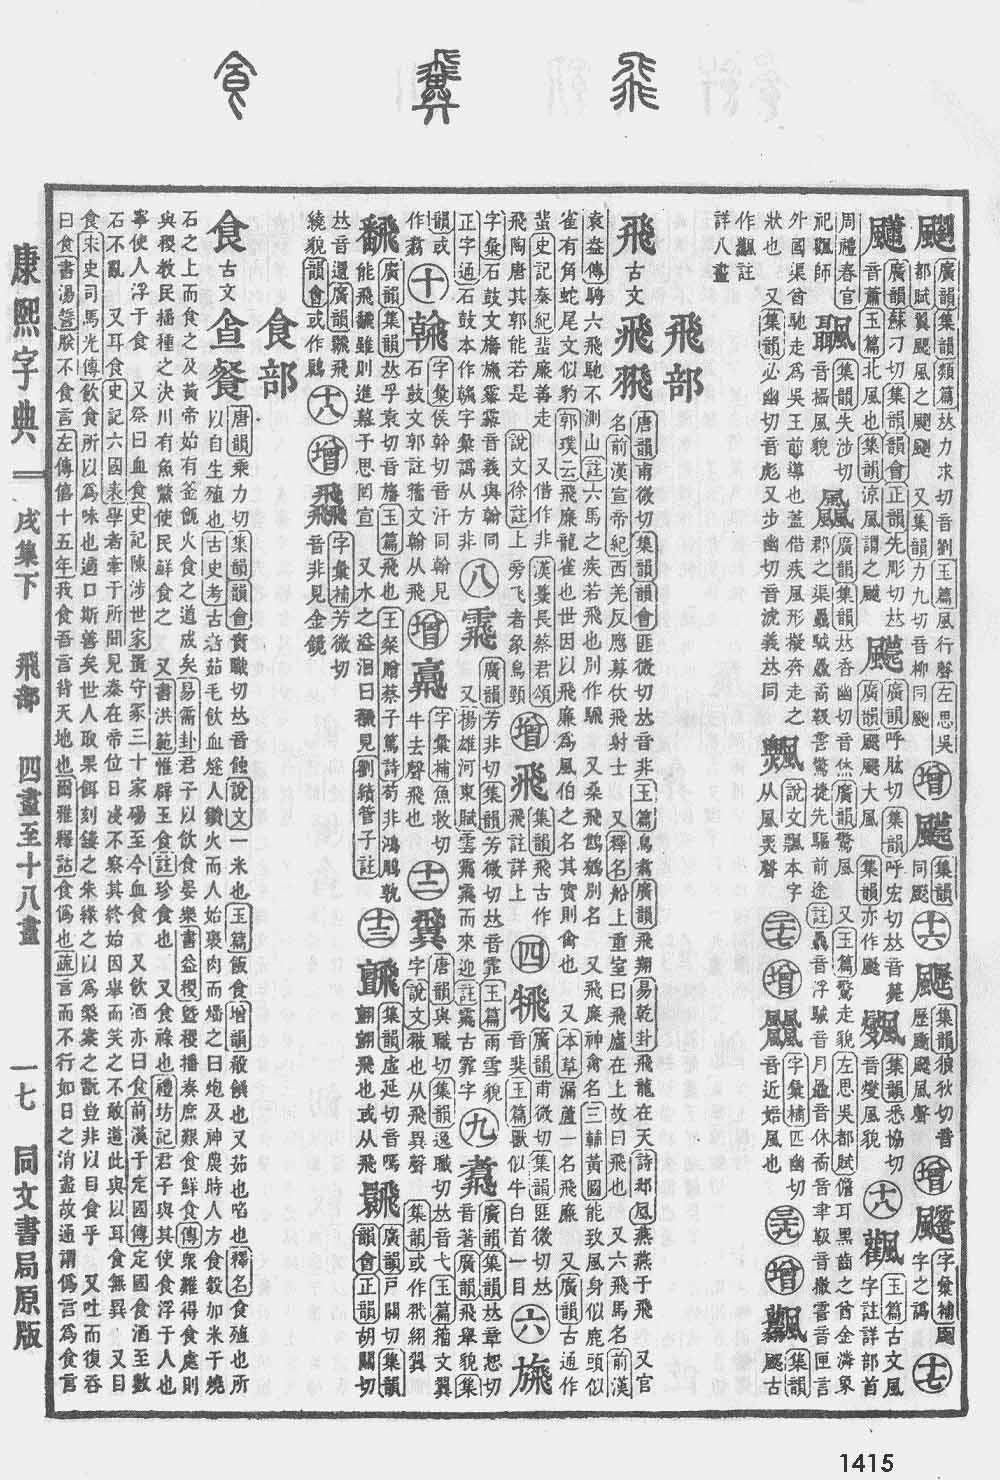 《康熙字典》第1415页